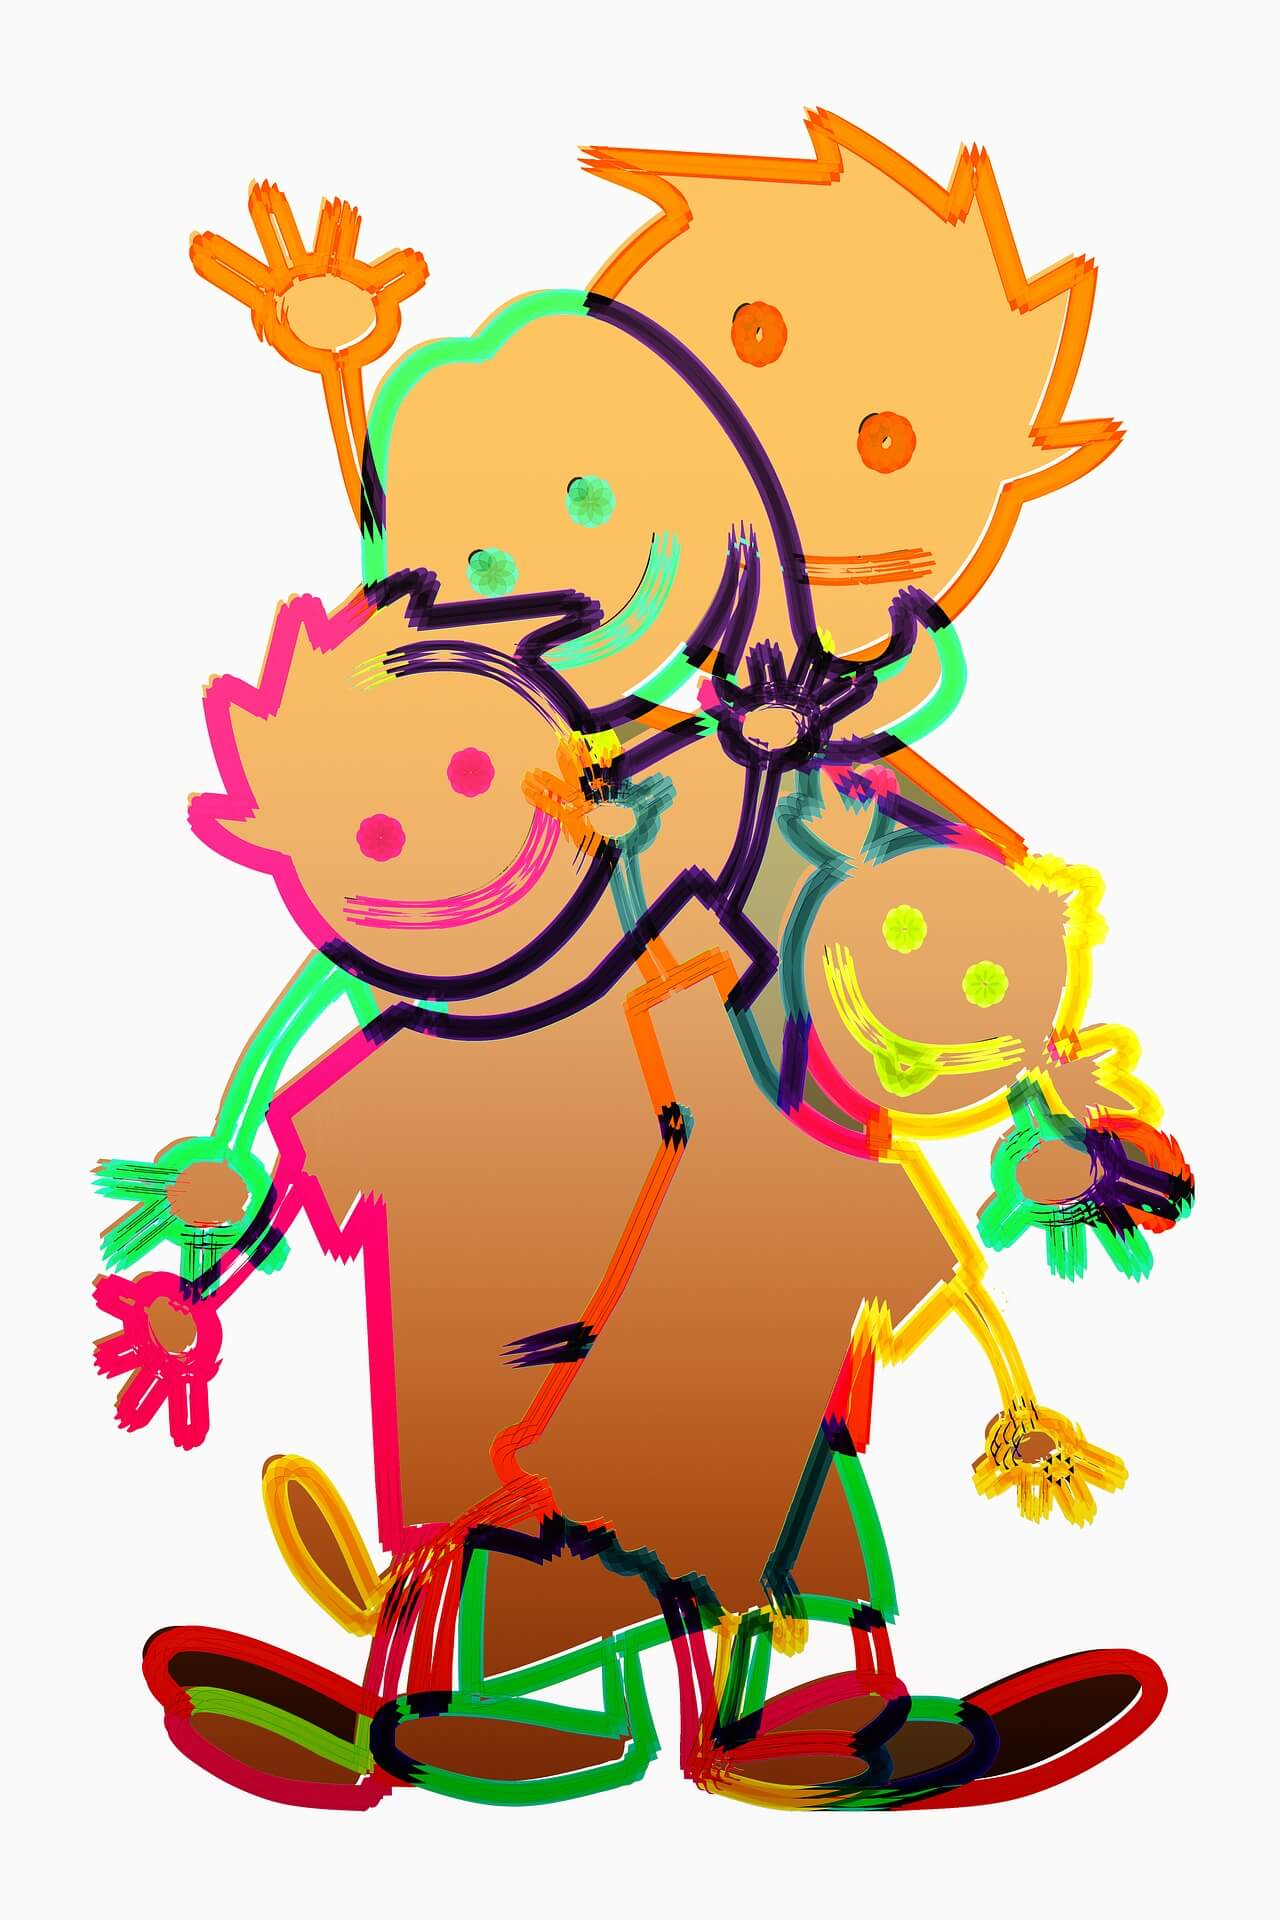 el-amor-creativo-para-el-nino-que-hara-crecer-al-adulto